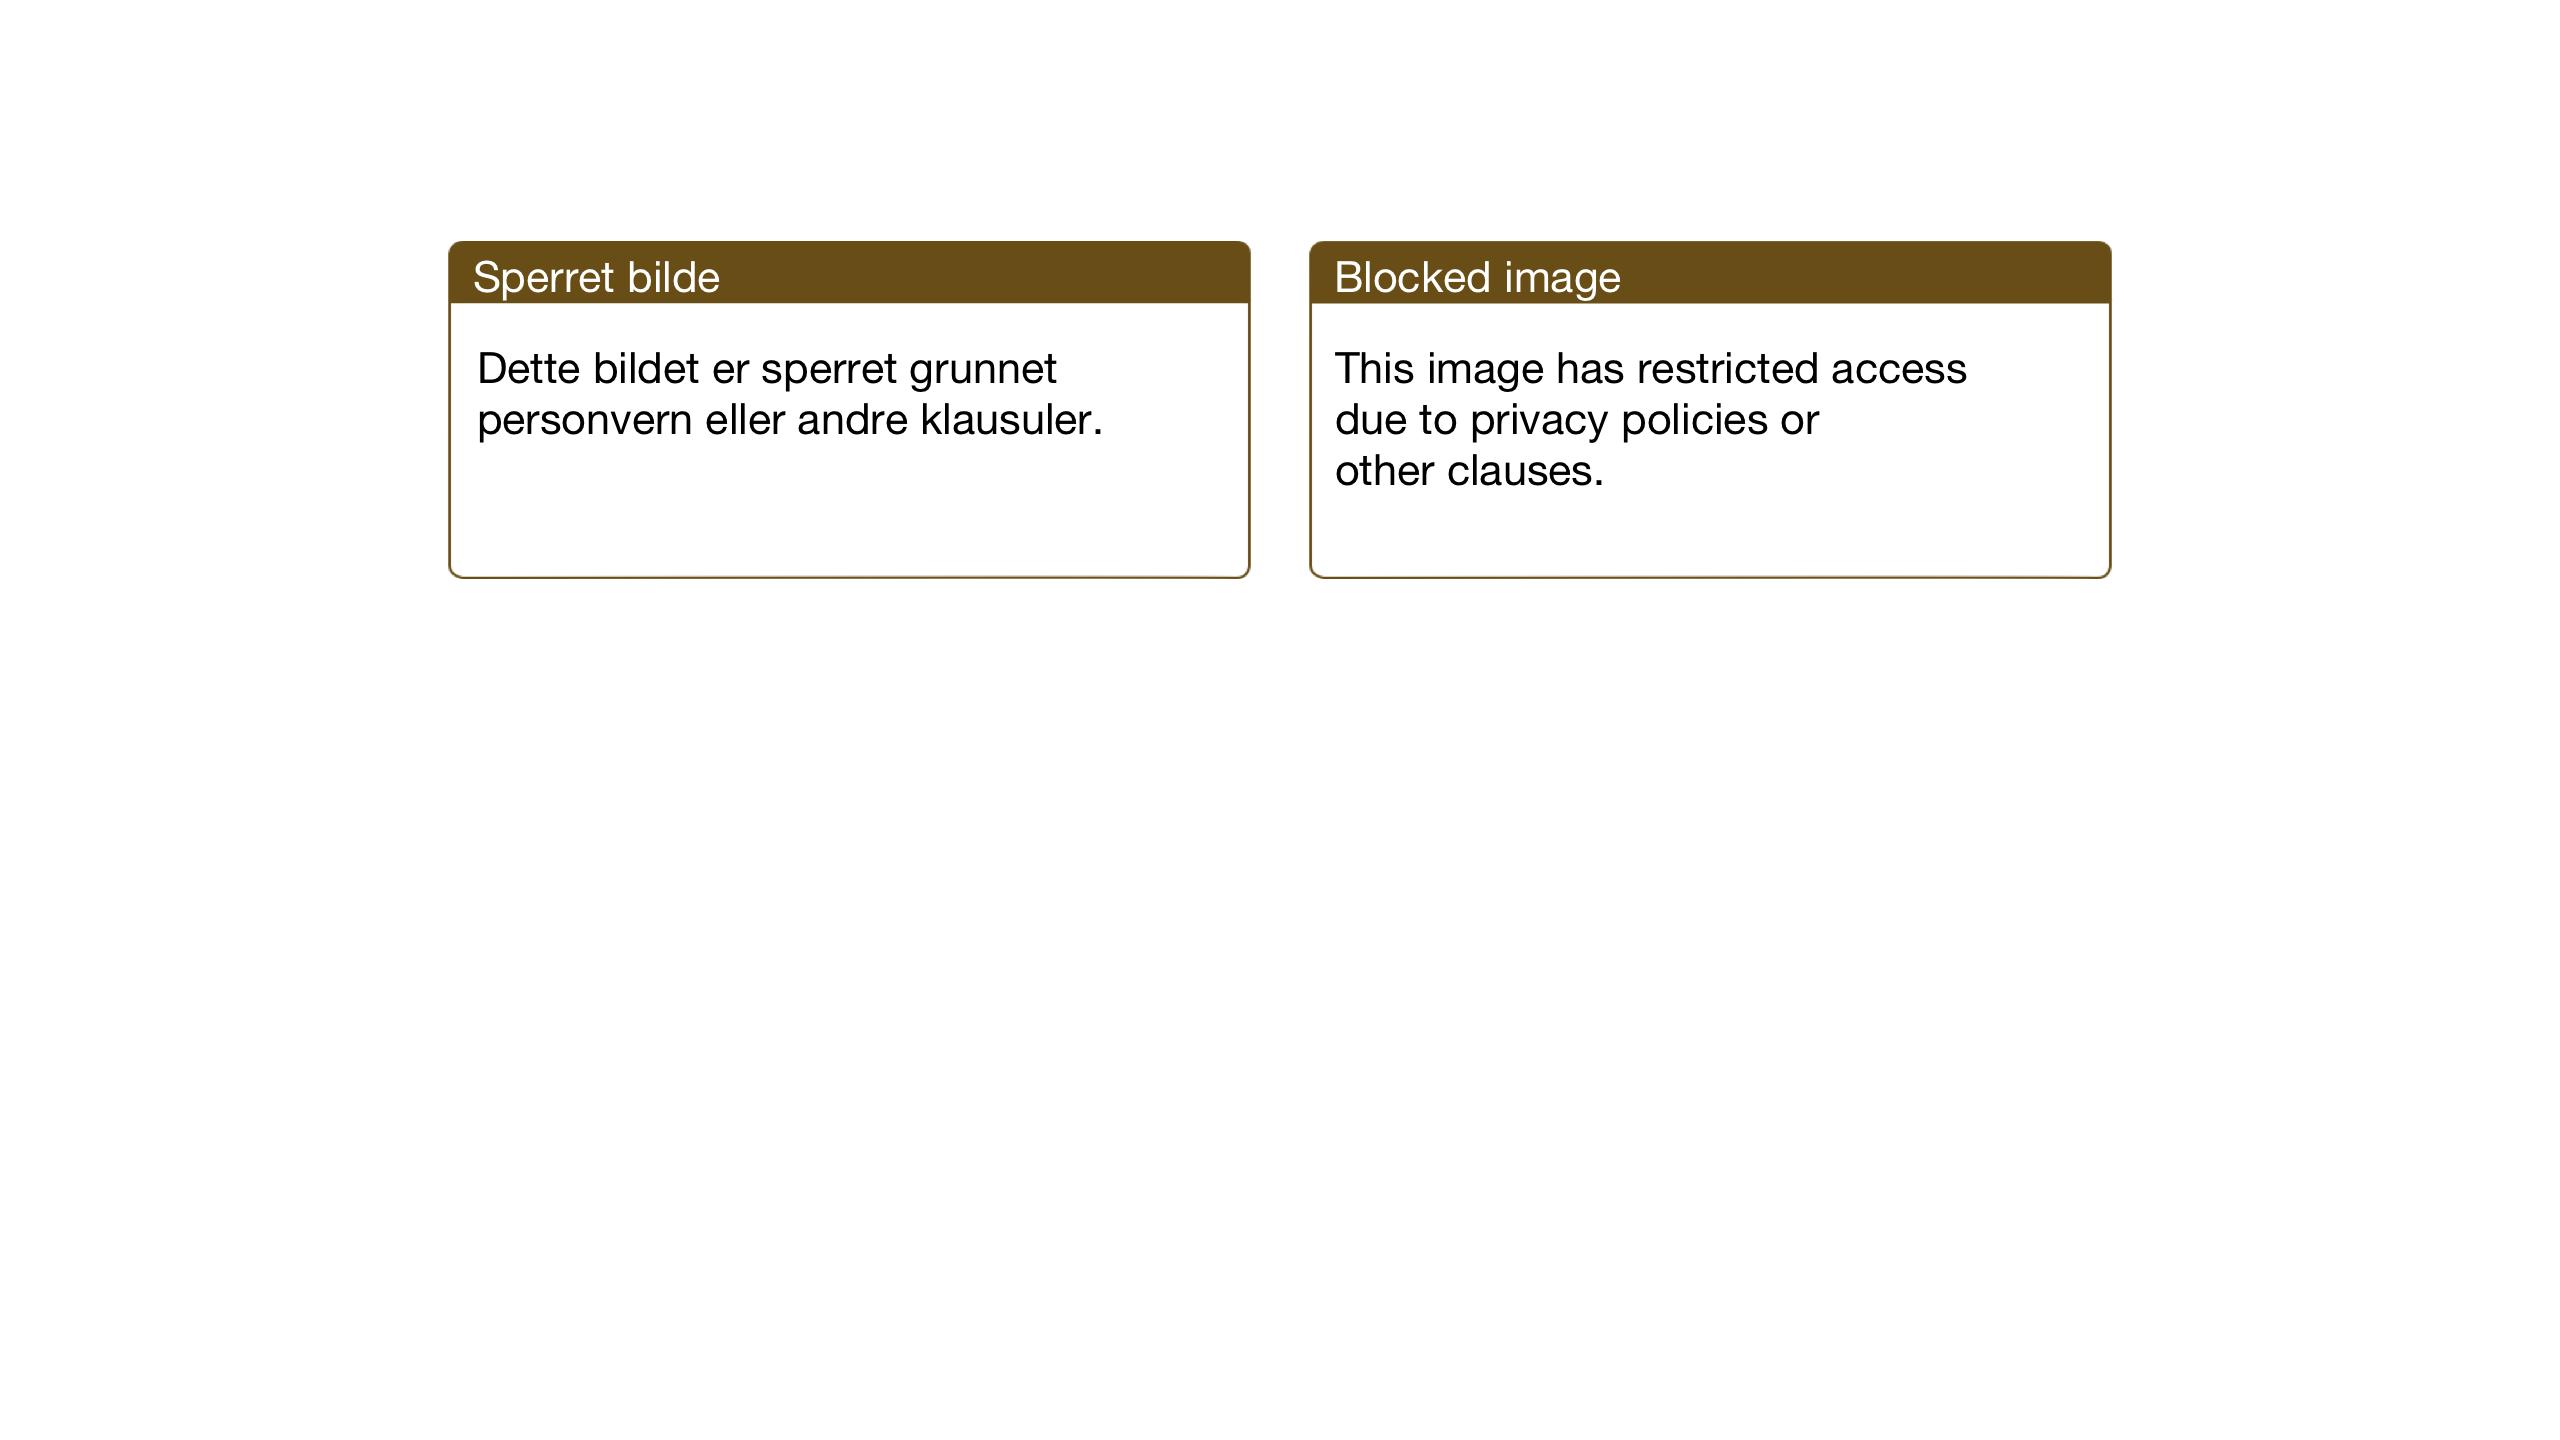 SAT, Ministerialprotokoller, klokkerbøker og fødselsregistre - Nord-Trøndelag, 709/L0089: Klokkerbok nr. 709C03, 1935-1948, s. 158